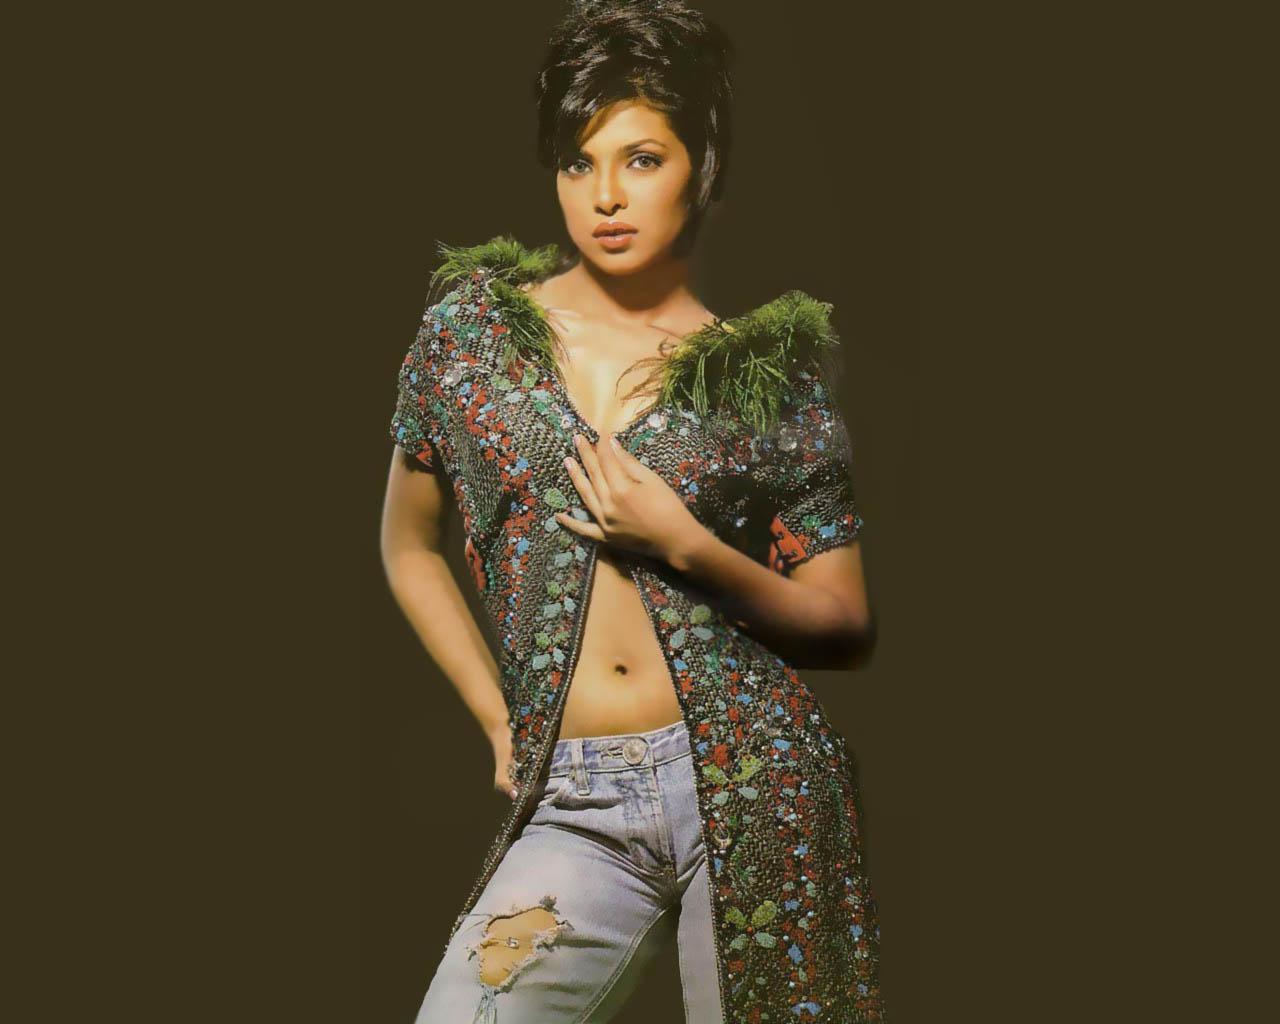 Bollywood Actress World (Original): Hot Bollywood Actress